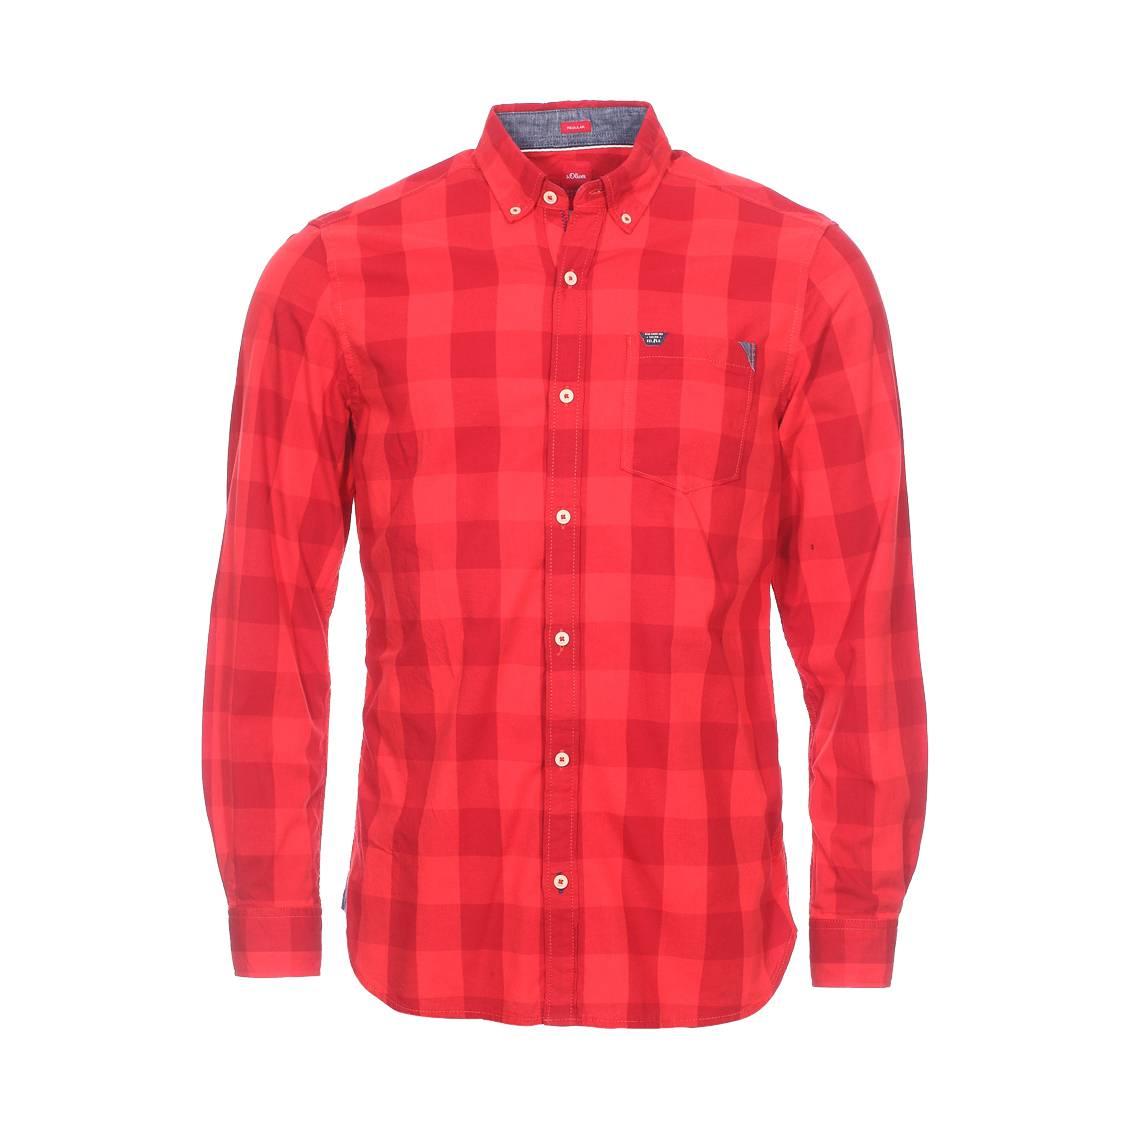 Chemise droite  en coton à carreaux rouges